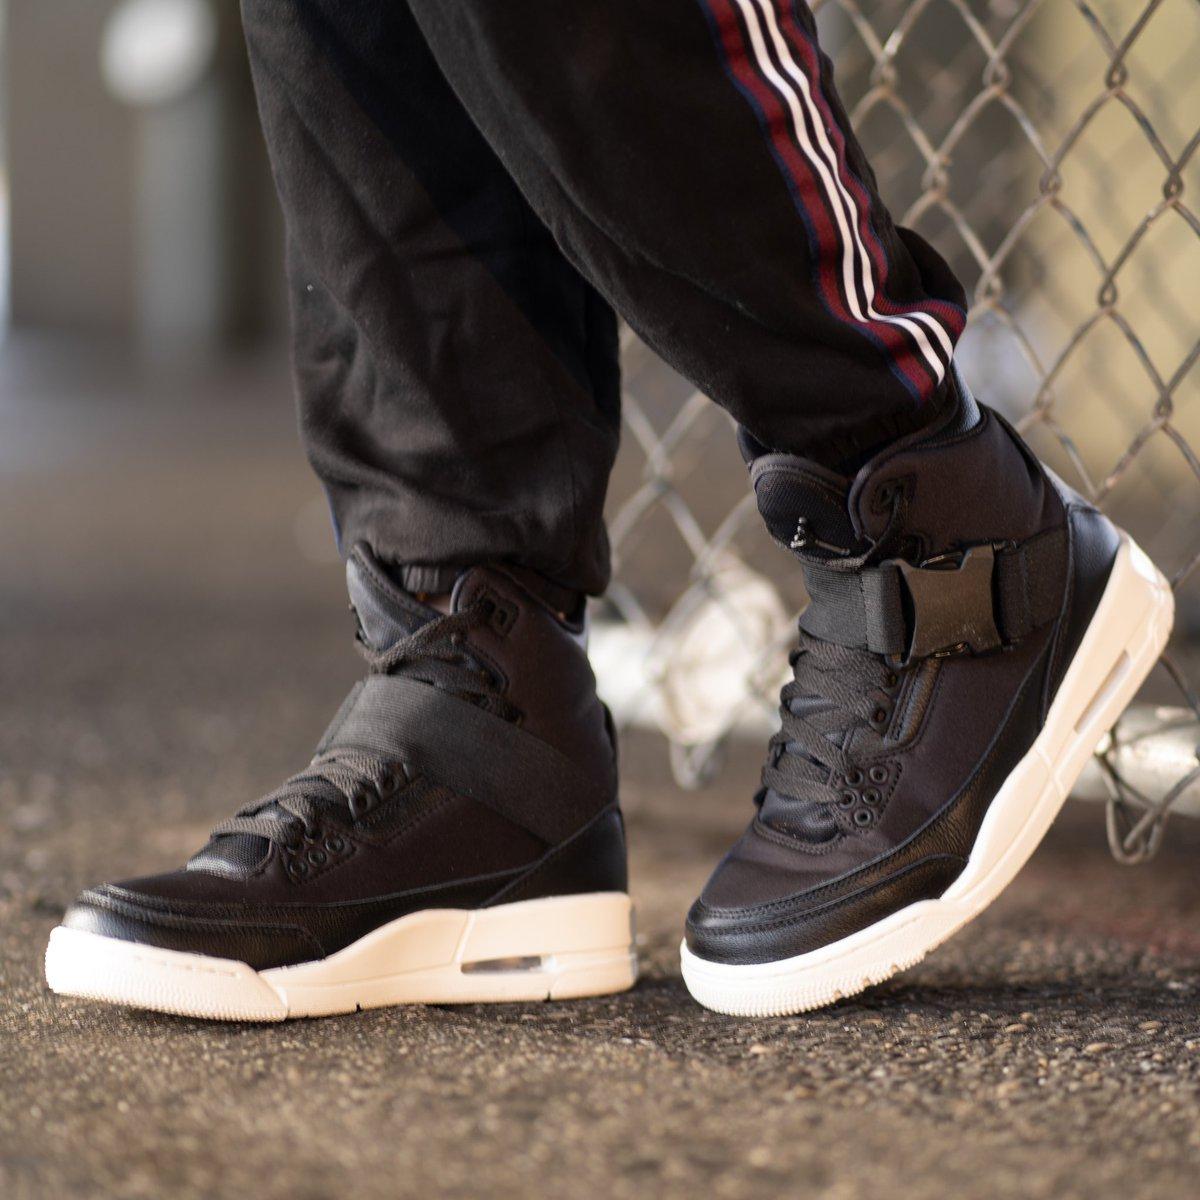 00cb3d2b9 GB S Sneaker Shop on Twitter